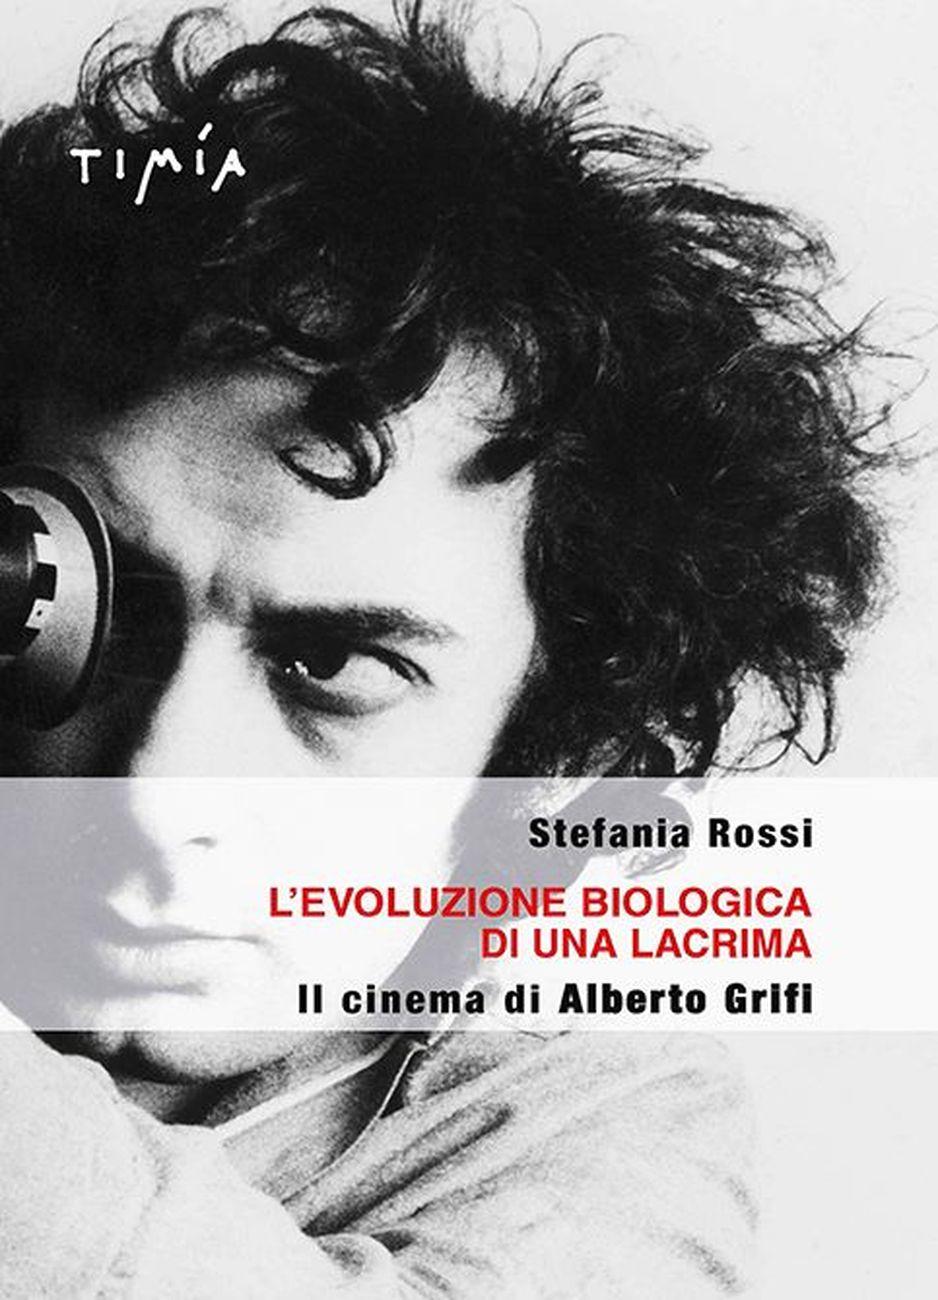 Stefania Rossi ‒ L' evoluzione biologica di una lacrima. Il cinema di Alberto Grifi (Timía Edizioni, Roma 2017)